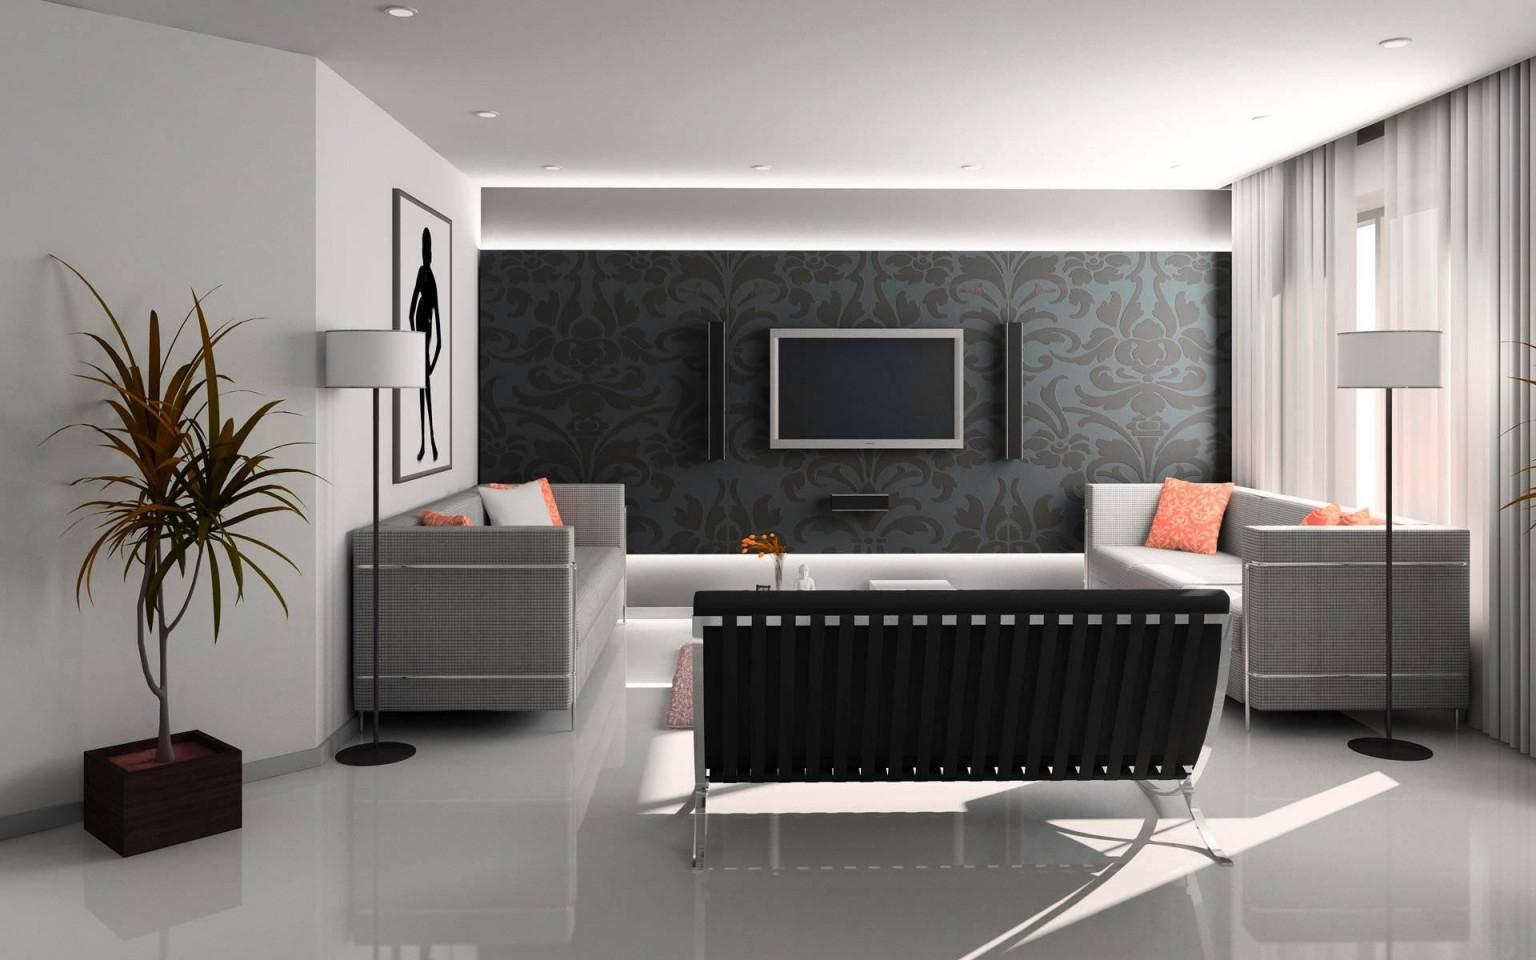 Wandgestaltung Ideen Farbe Wohnzimmer  Schlafzimmer von Wohnzimmer Wände Gestalten Farbe Bild